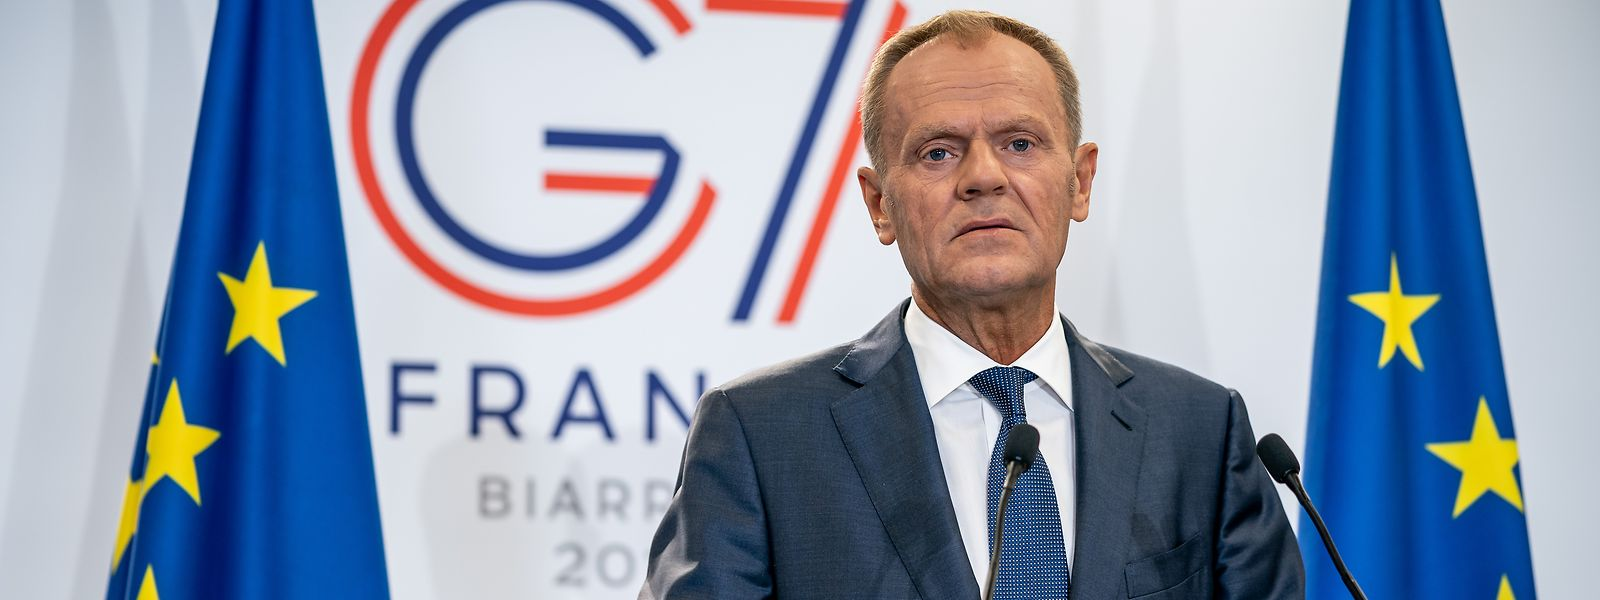 Kurz vor Beginn des G7-Gipfels in Biarritz in Frankreich, spricht der Präsident des Europäischen Rates Donald Tusk auf einer Pressekonferenz zu den anwesenden Journalisten.